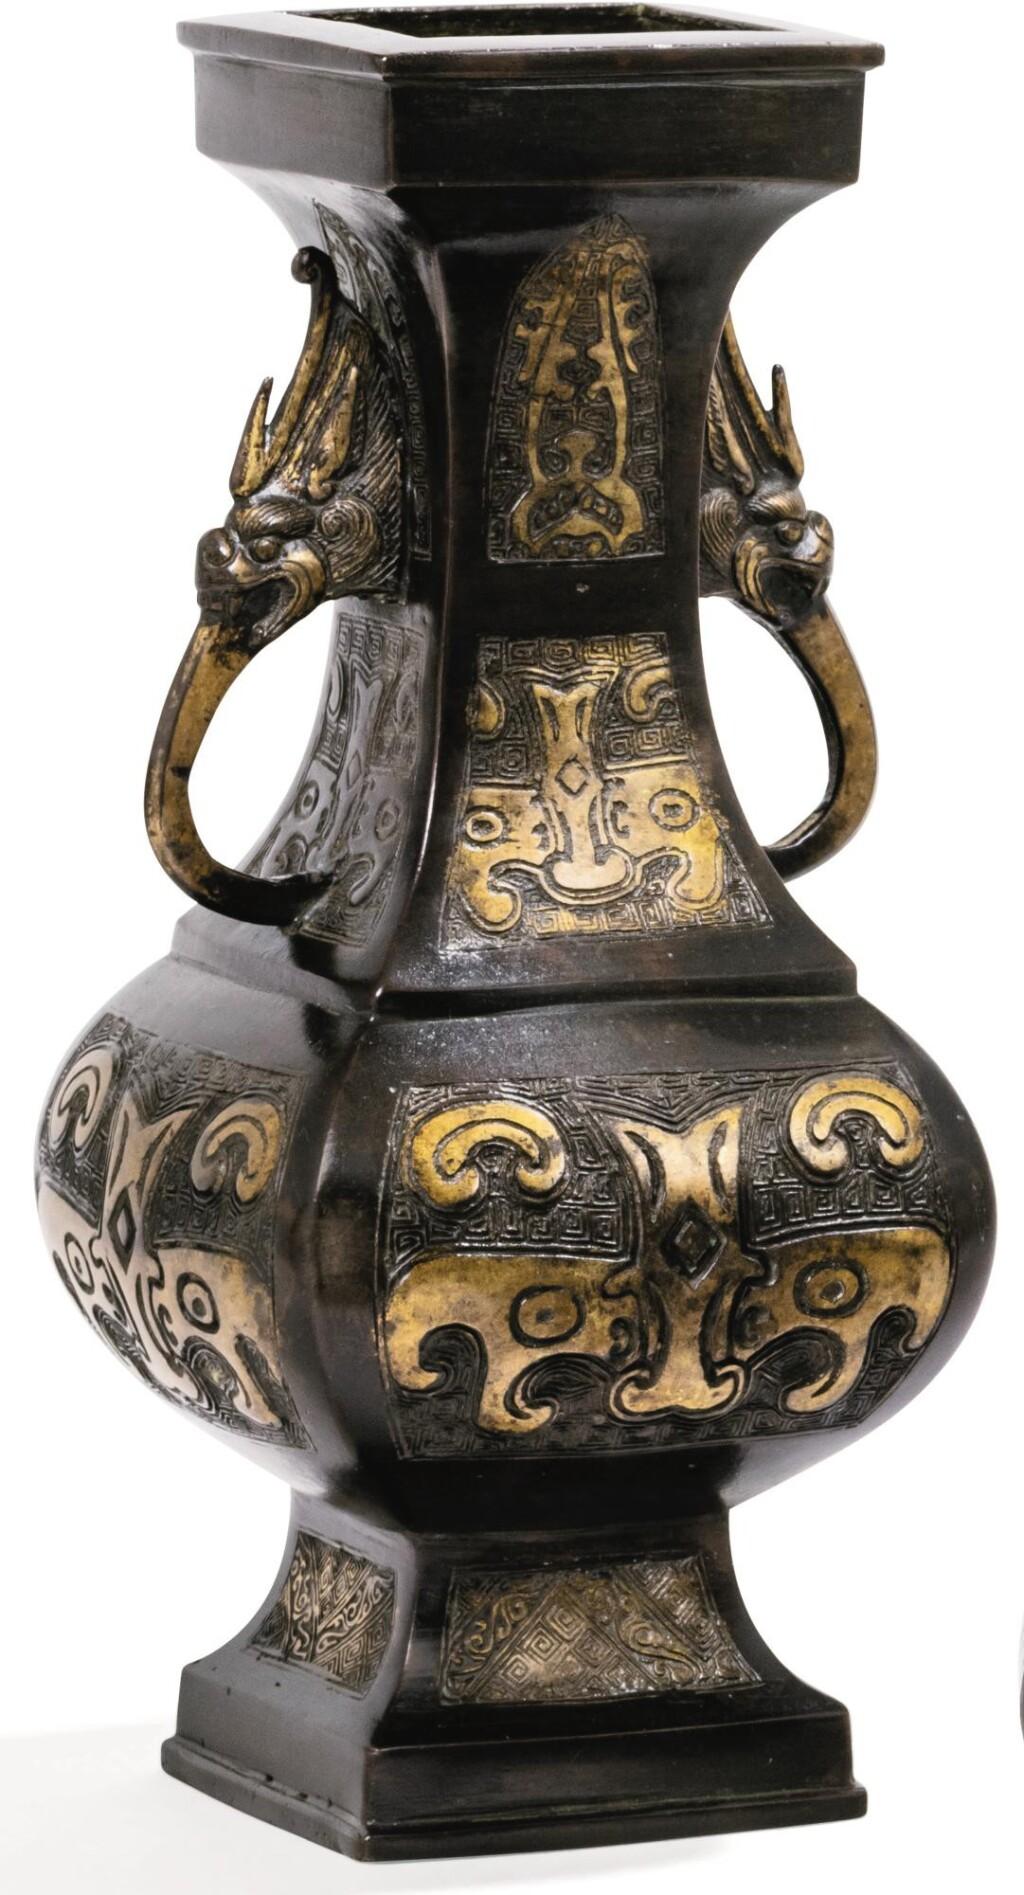 VASE ARCHAÏSANT EN BRONZE PARTIELLEMENT DORÉ FIN DE LA DYNASTIE YUAN - DÉBUT DE LA DYNASTIE MING | 元末至明初 局部鎏金銅獸面紋雙龍首耳方壼 | An archaistic parcel-gilt bronze vase, late Yuan/early Ming Dynasty